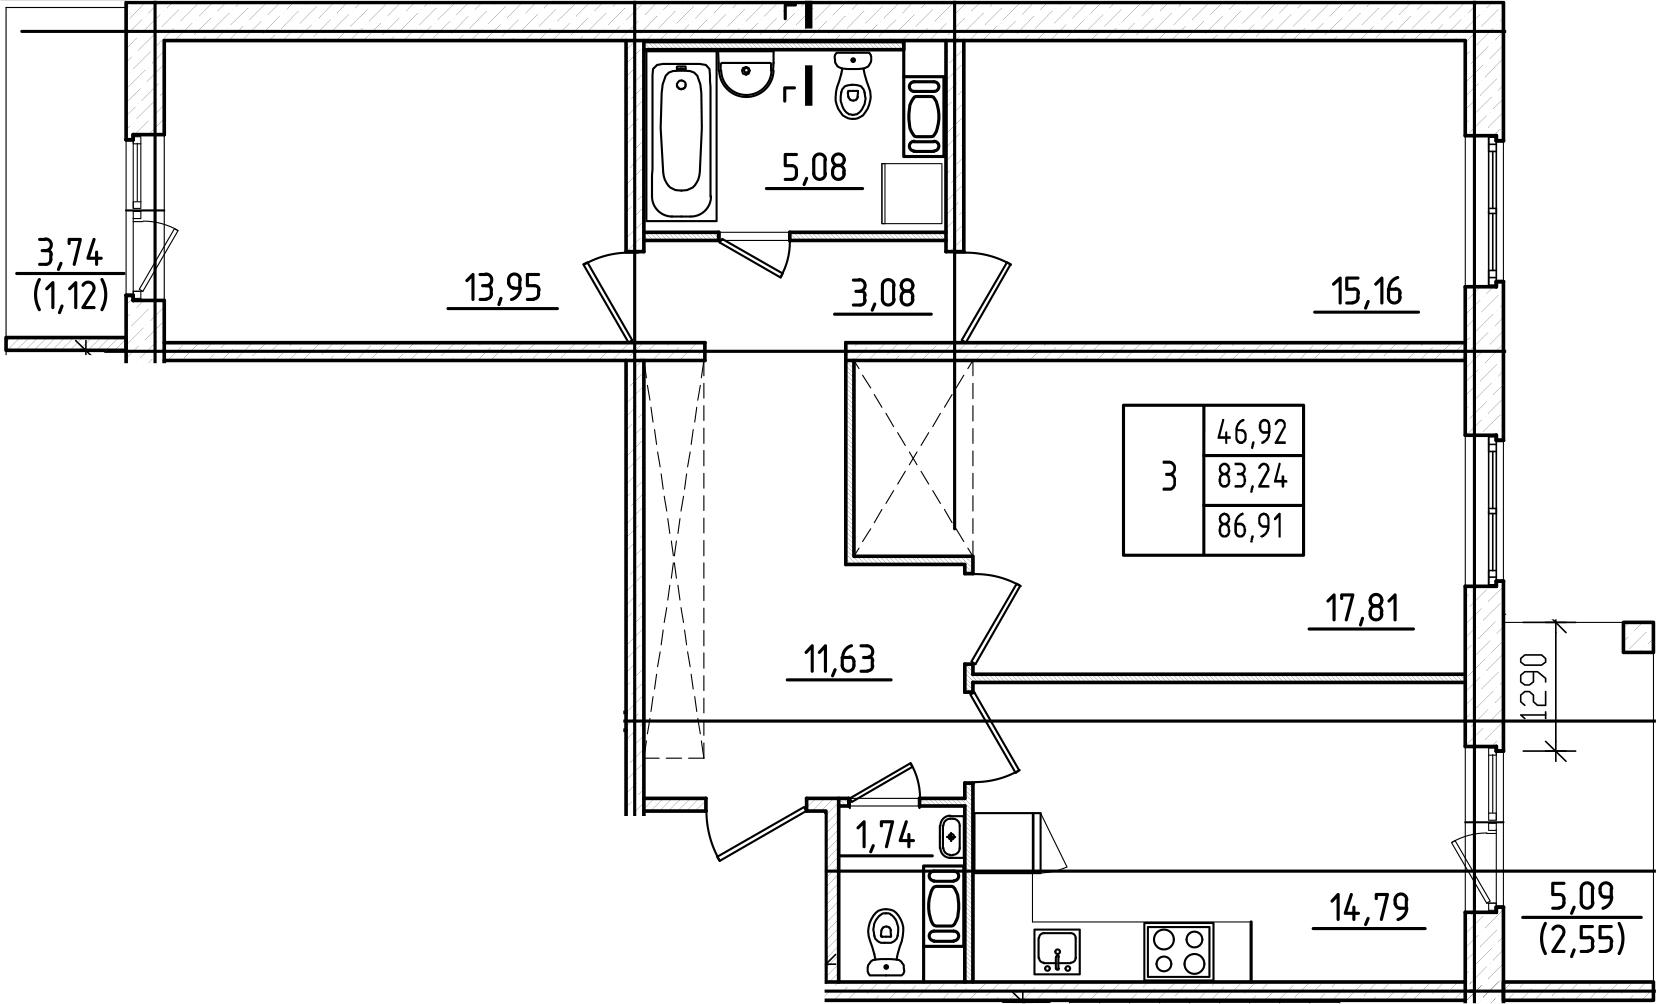 3-к.кв, 86.91 м², 8 этаж